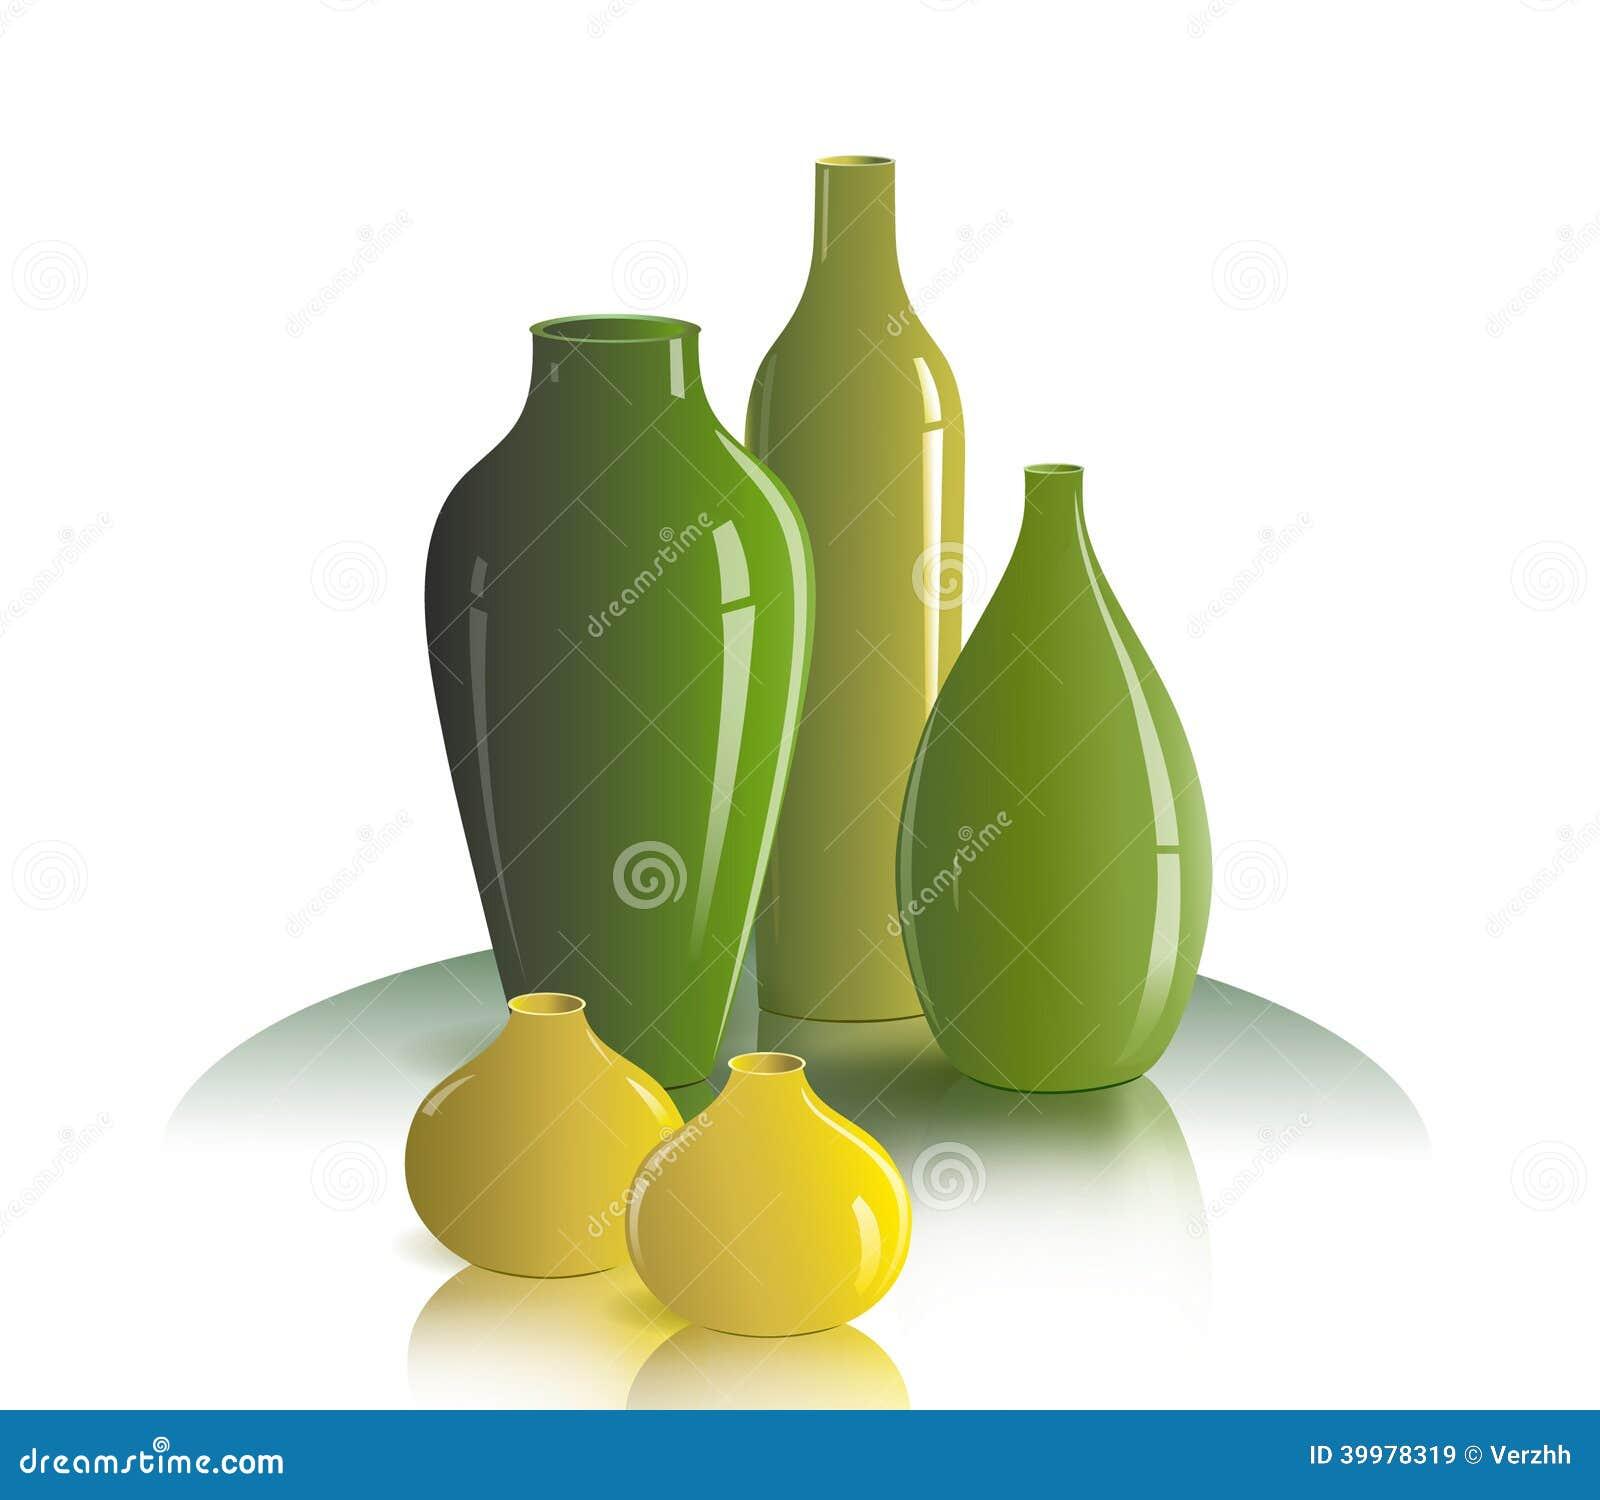 Still life of vases stock vector illustration of nature 39978319 still life of vases reviewsmspy